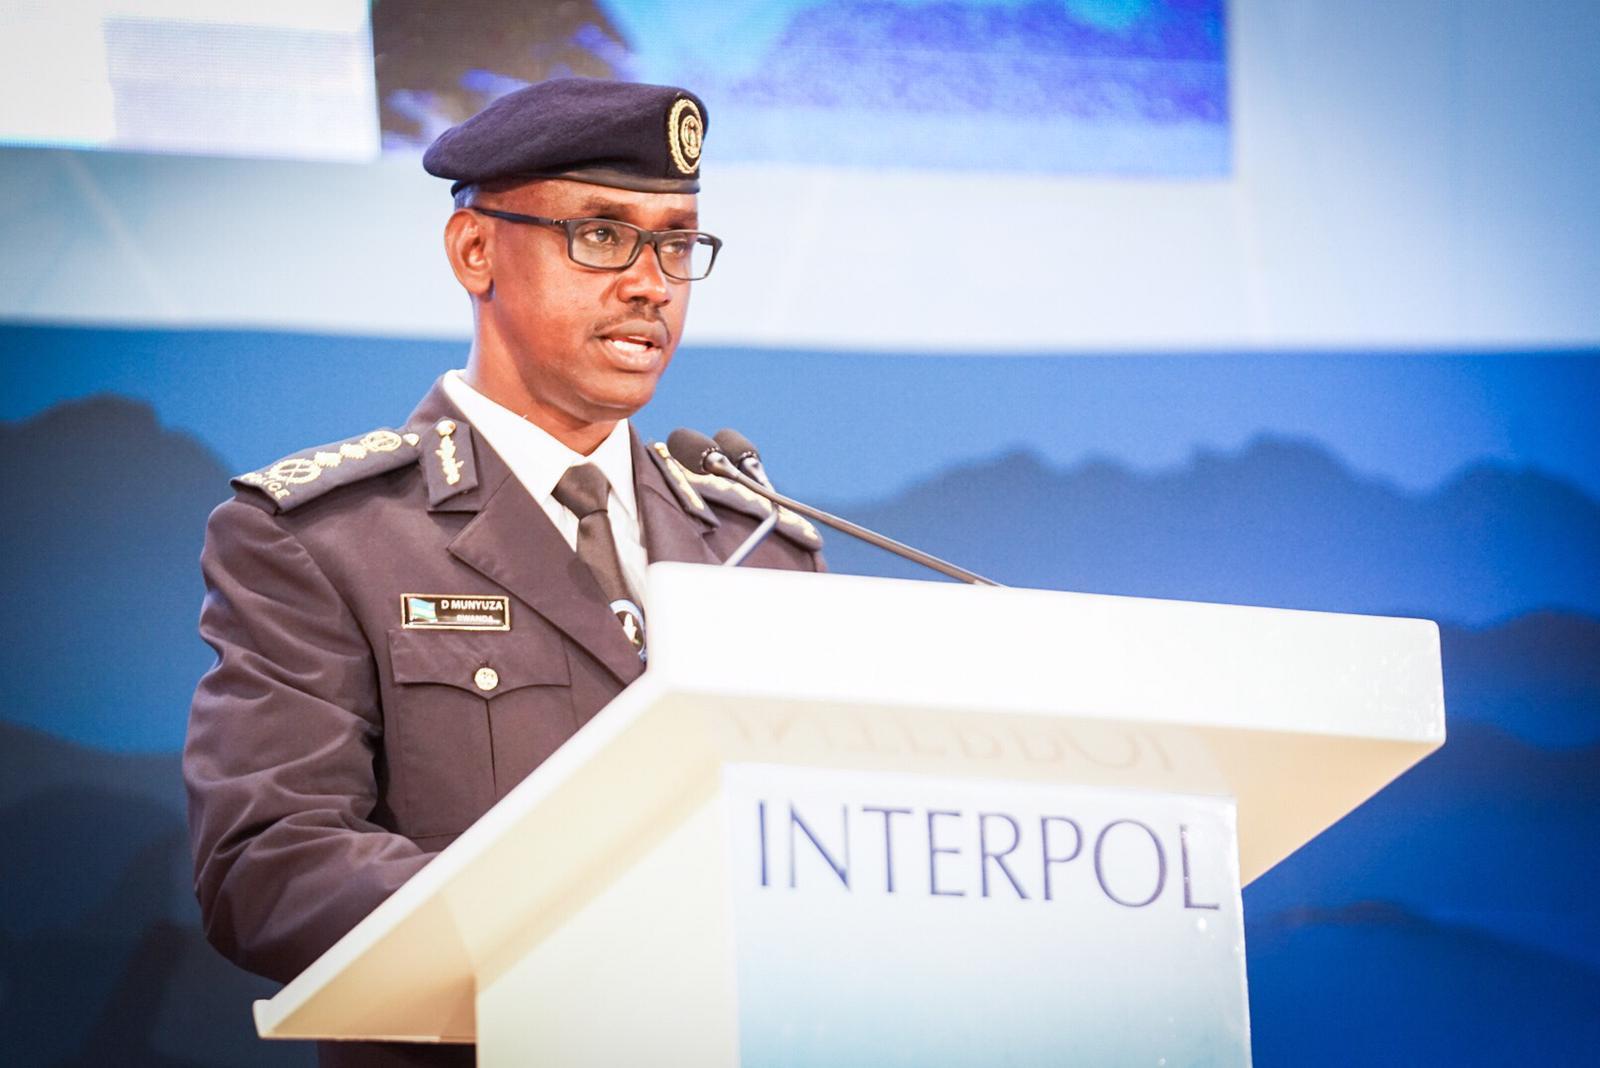 Le Directeur général de la Police nationale du Rwanda, M. Dan Munyuza, s'adresse aux délégués.